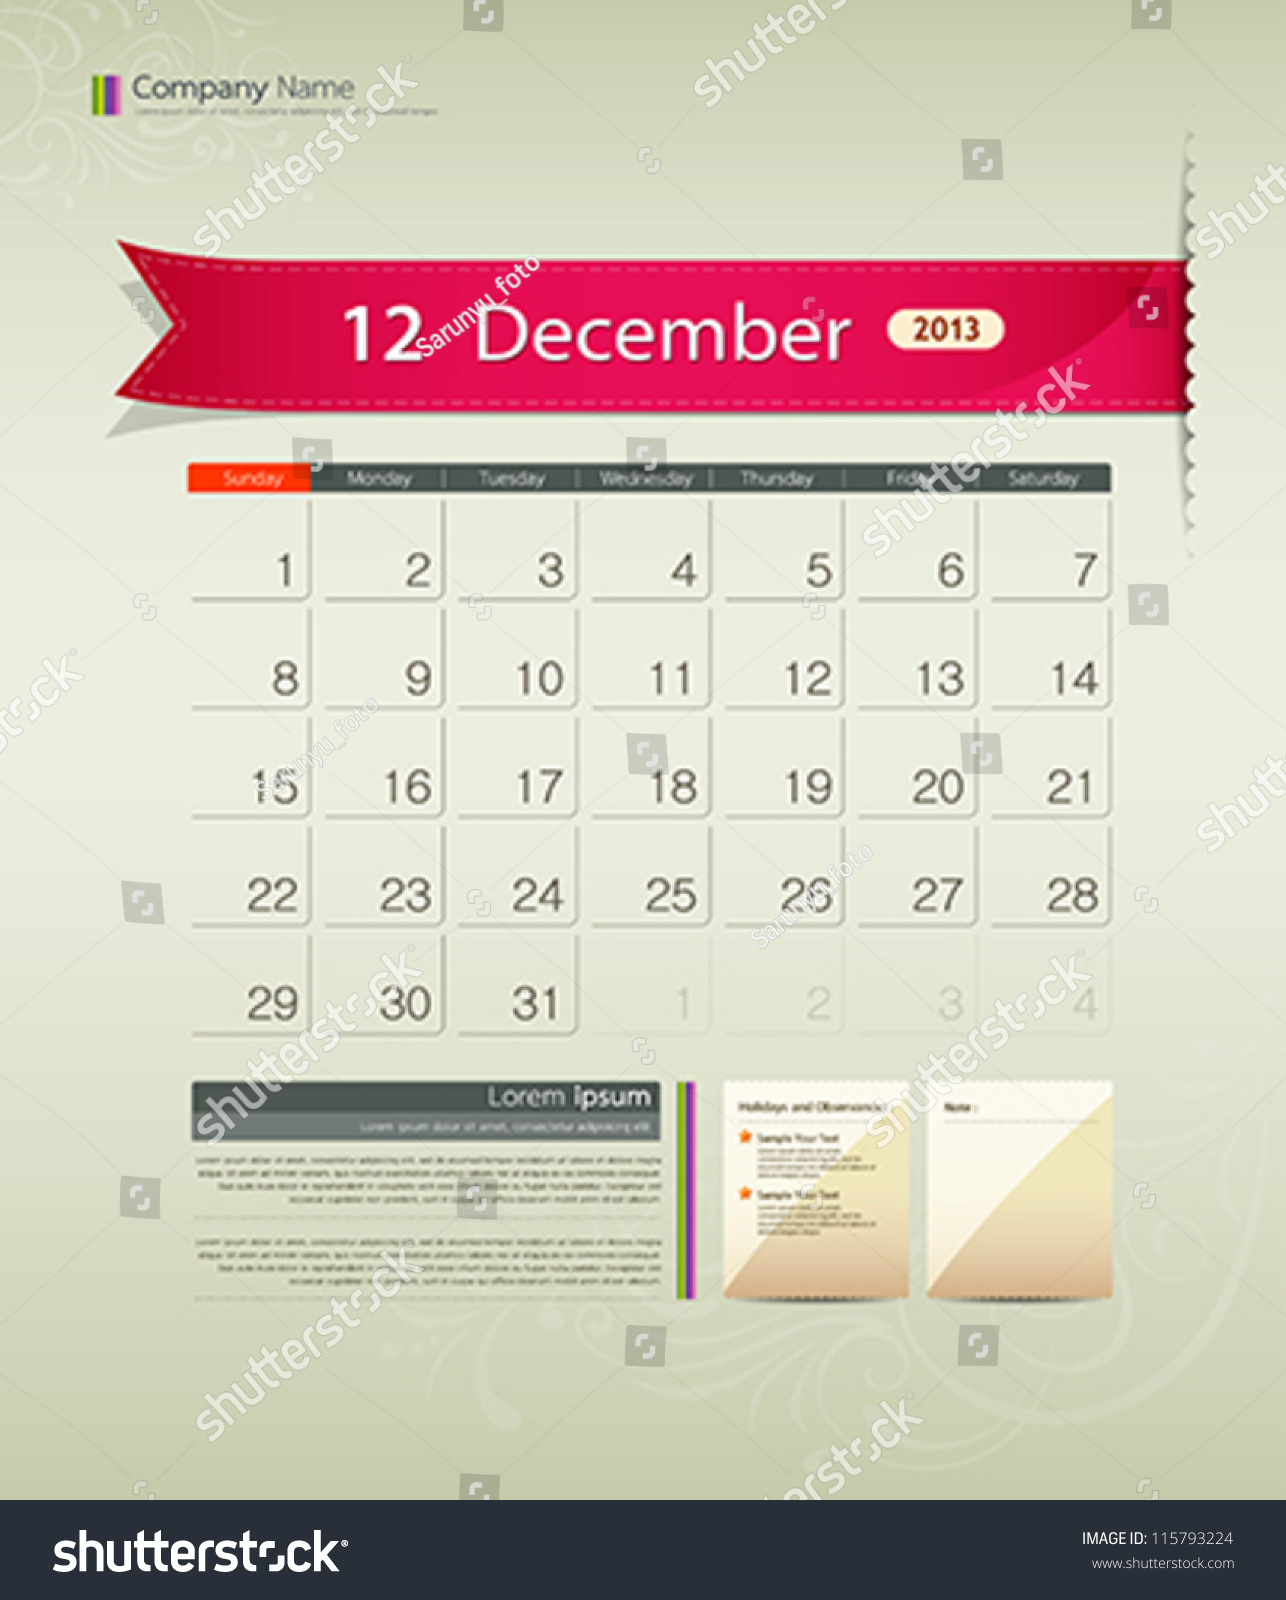 Calendar Ribbon Design : December calendar ribbon design vector illustration